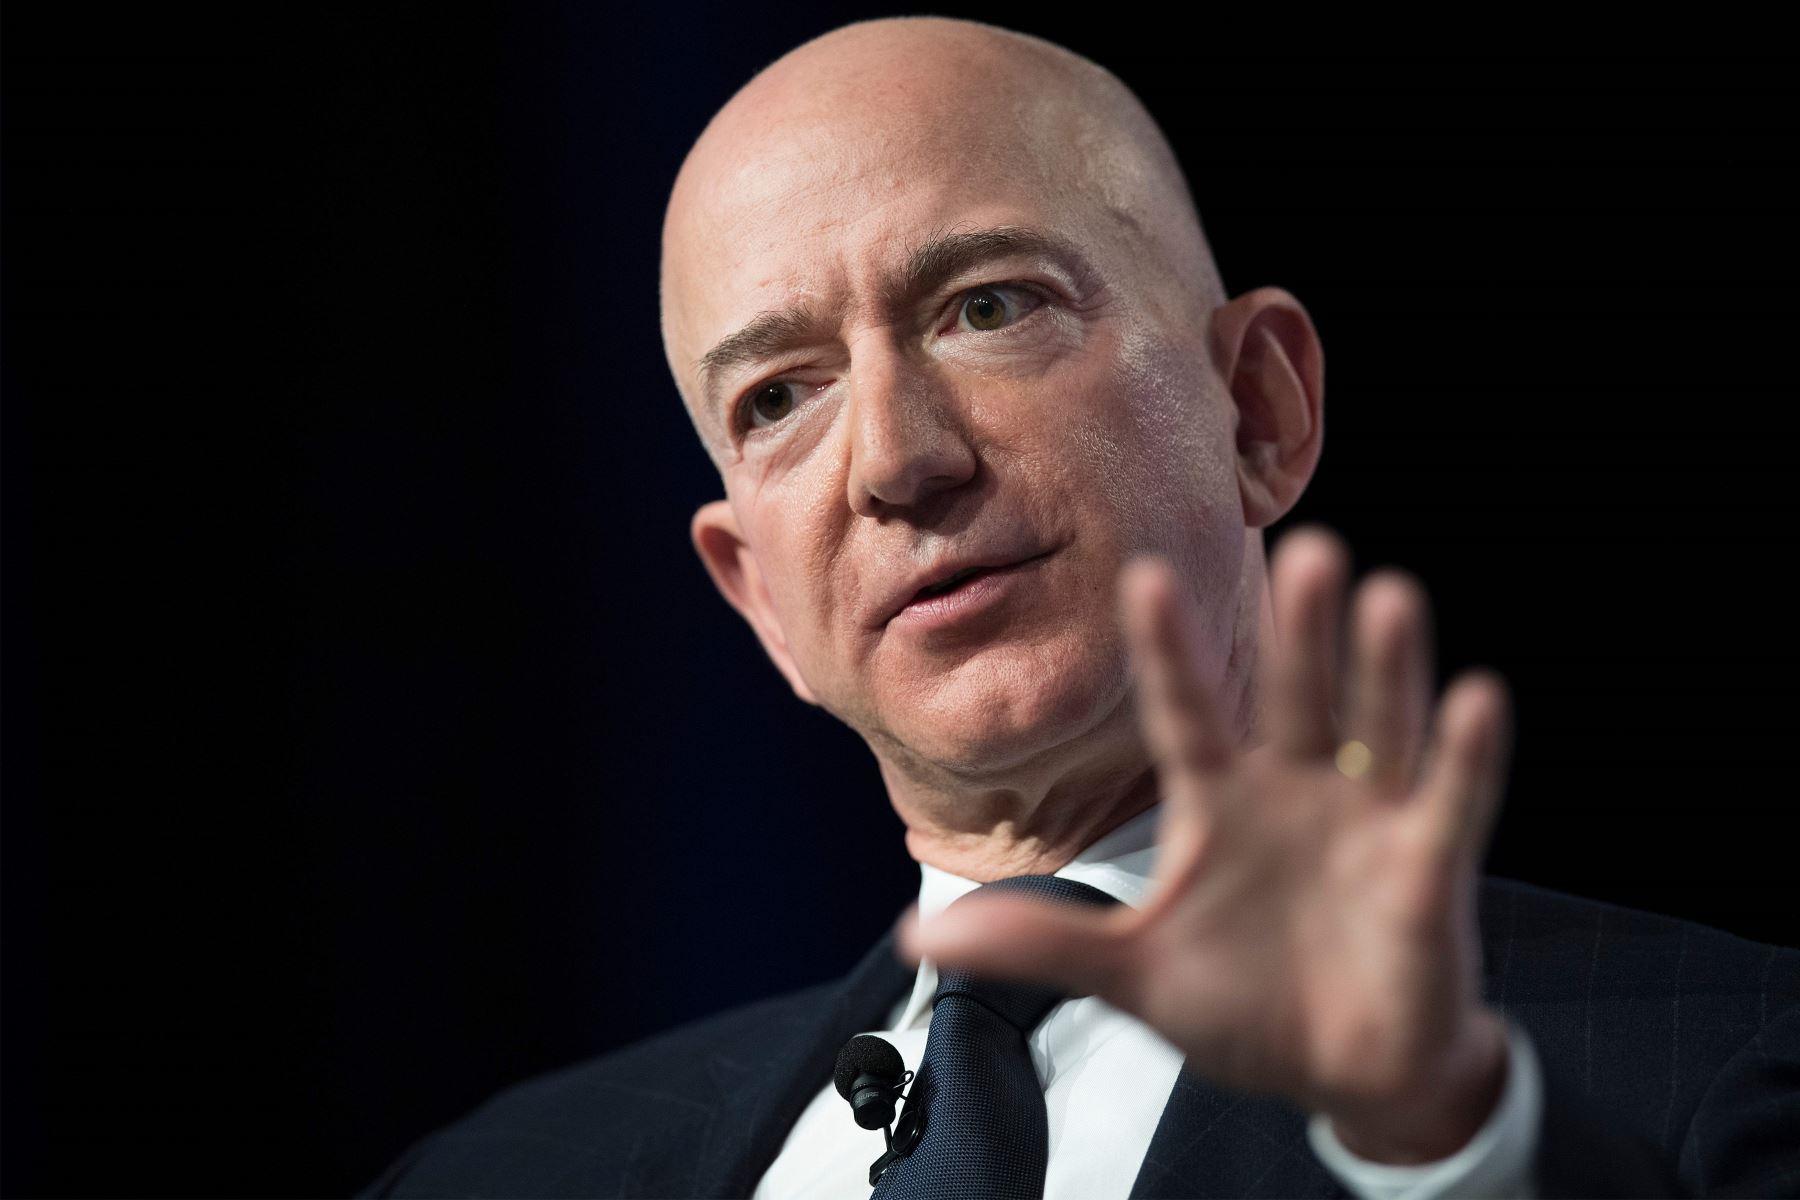 El fundador de Amazon y Blue Origin, Jeff Bezos, brinda el discurso de apertura en la Conferencia Anual sobre Aire, Espacio y Ciber de la Asociación de la Fuerza Aérea en Oxen Hill, MD. Foto: AFP